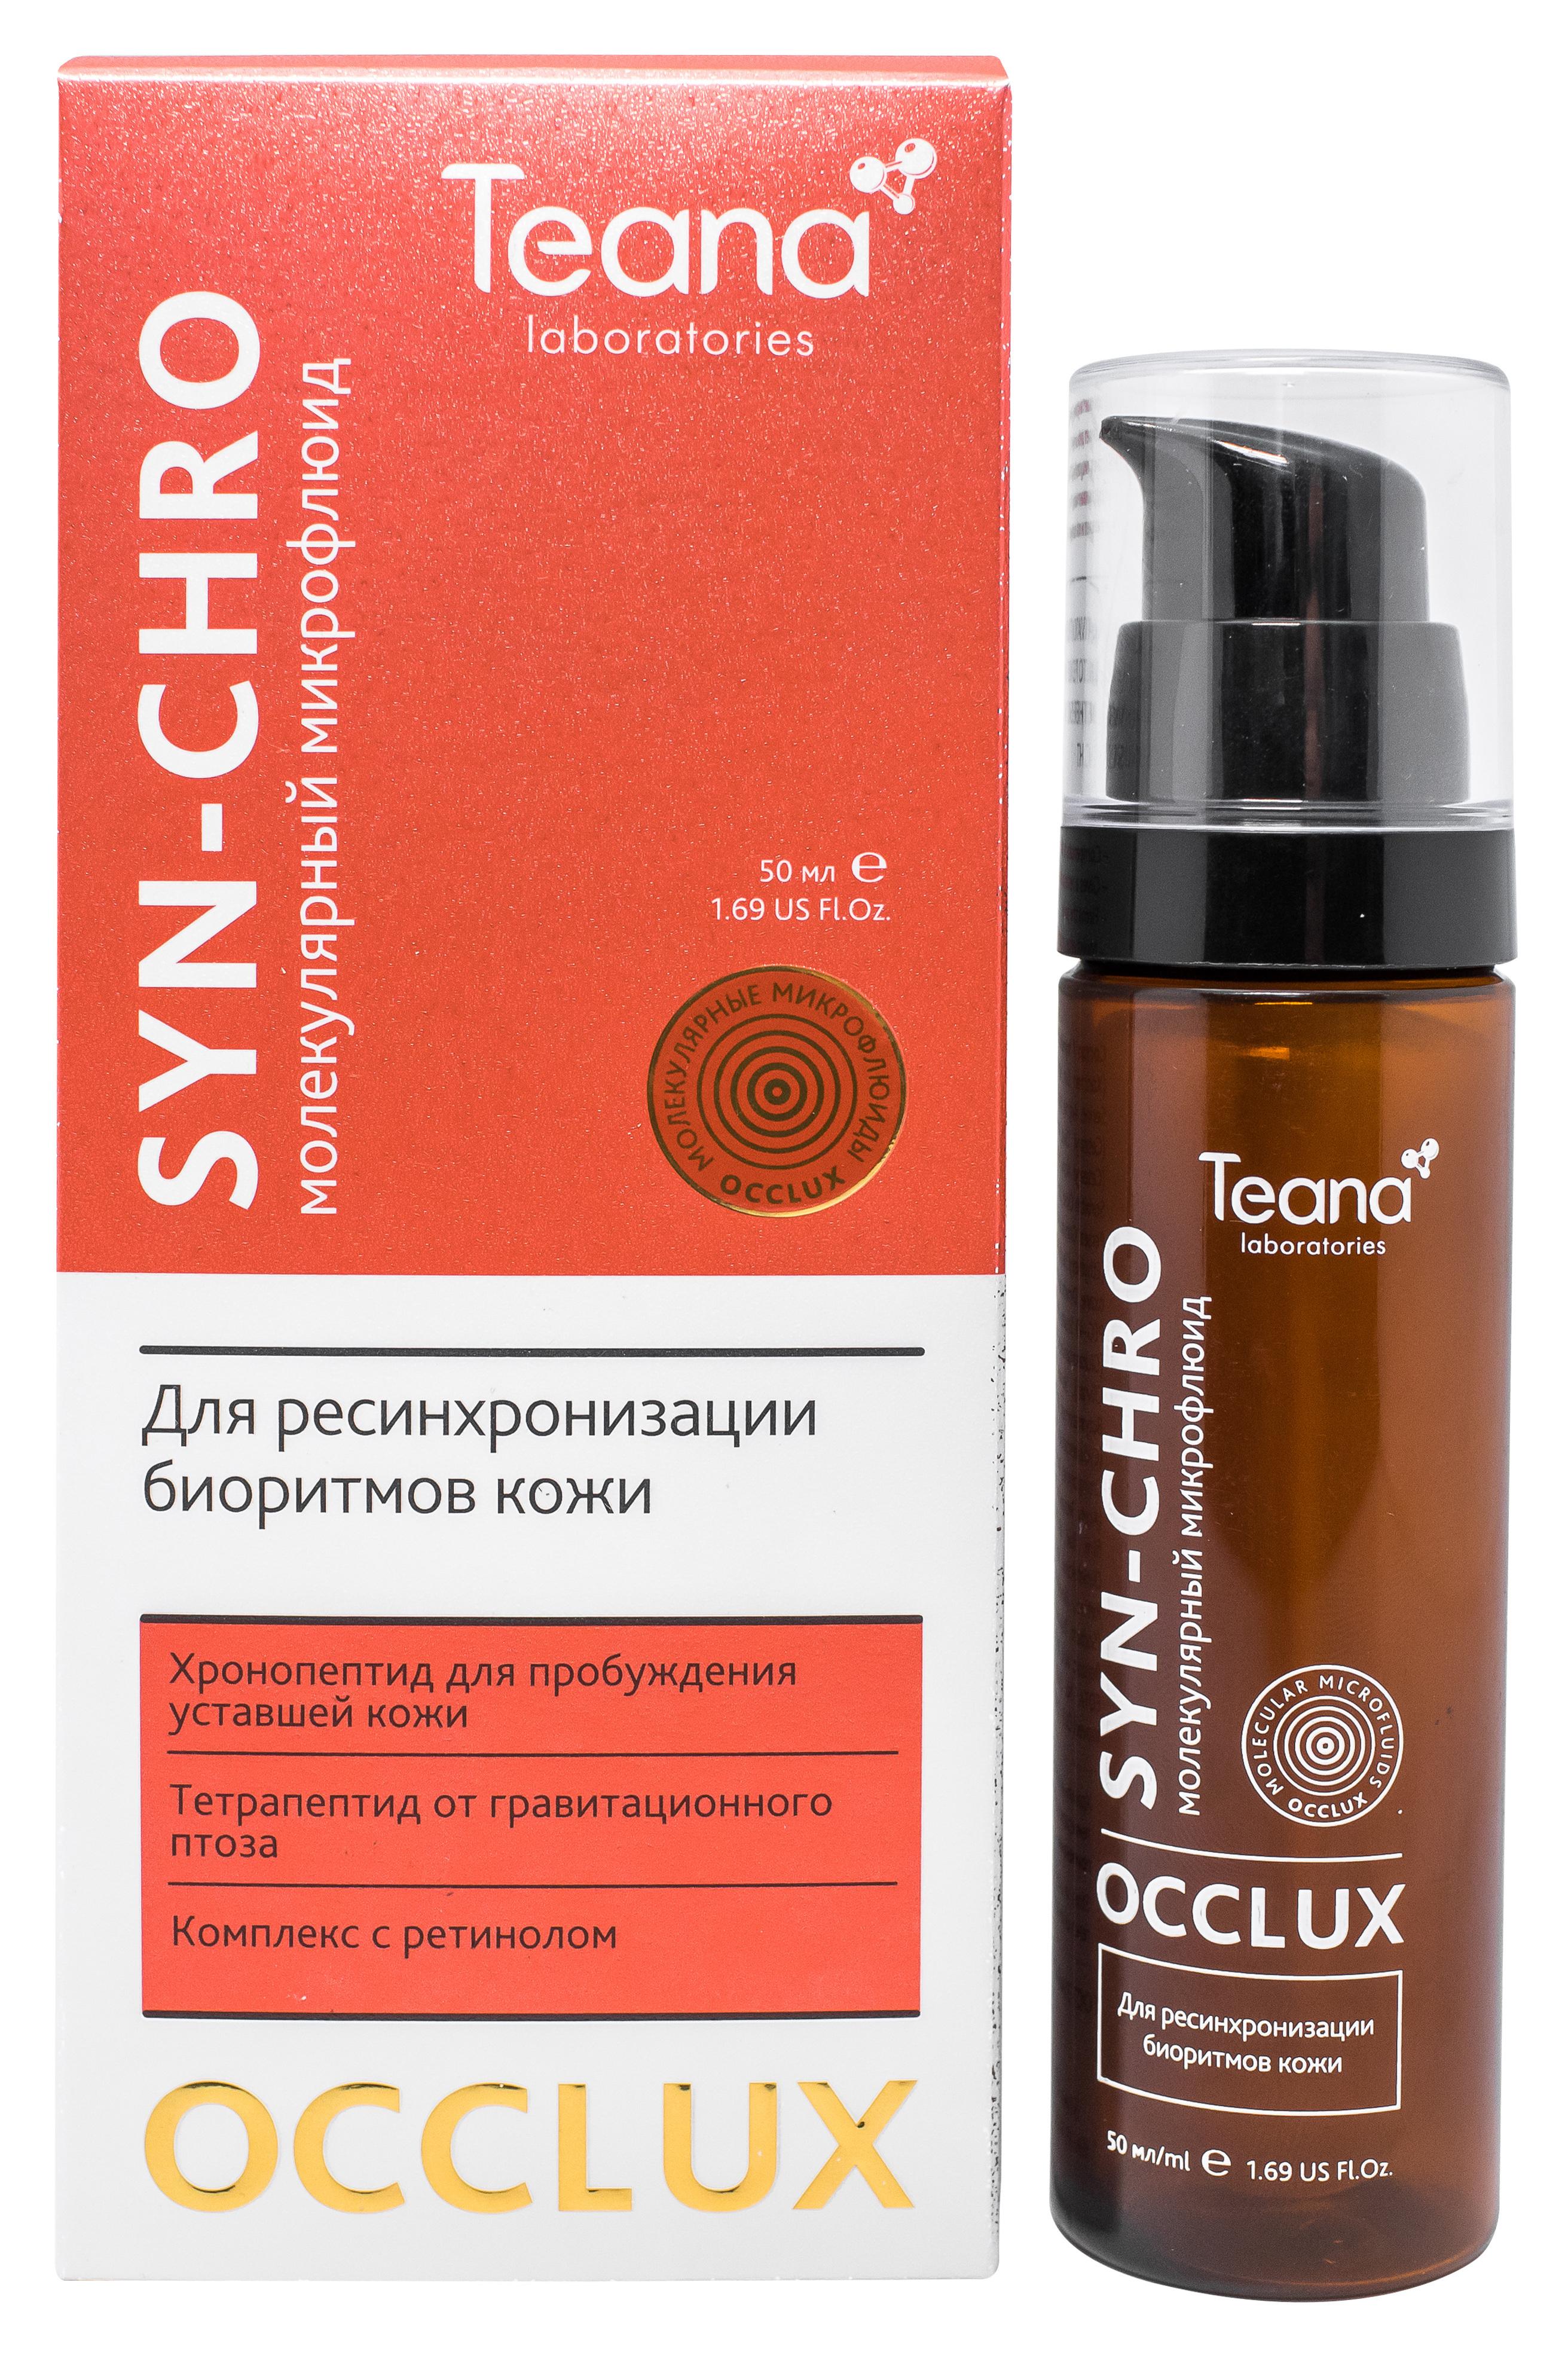 Teana микрофлюид молекулярный для ресинхронизации биоритмов кожи лица / occlux syn-chro 50 мл